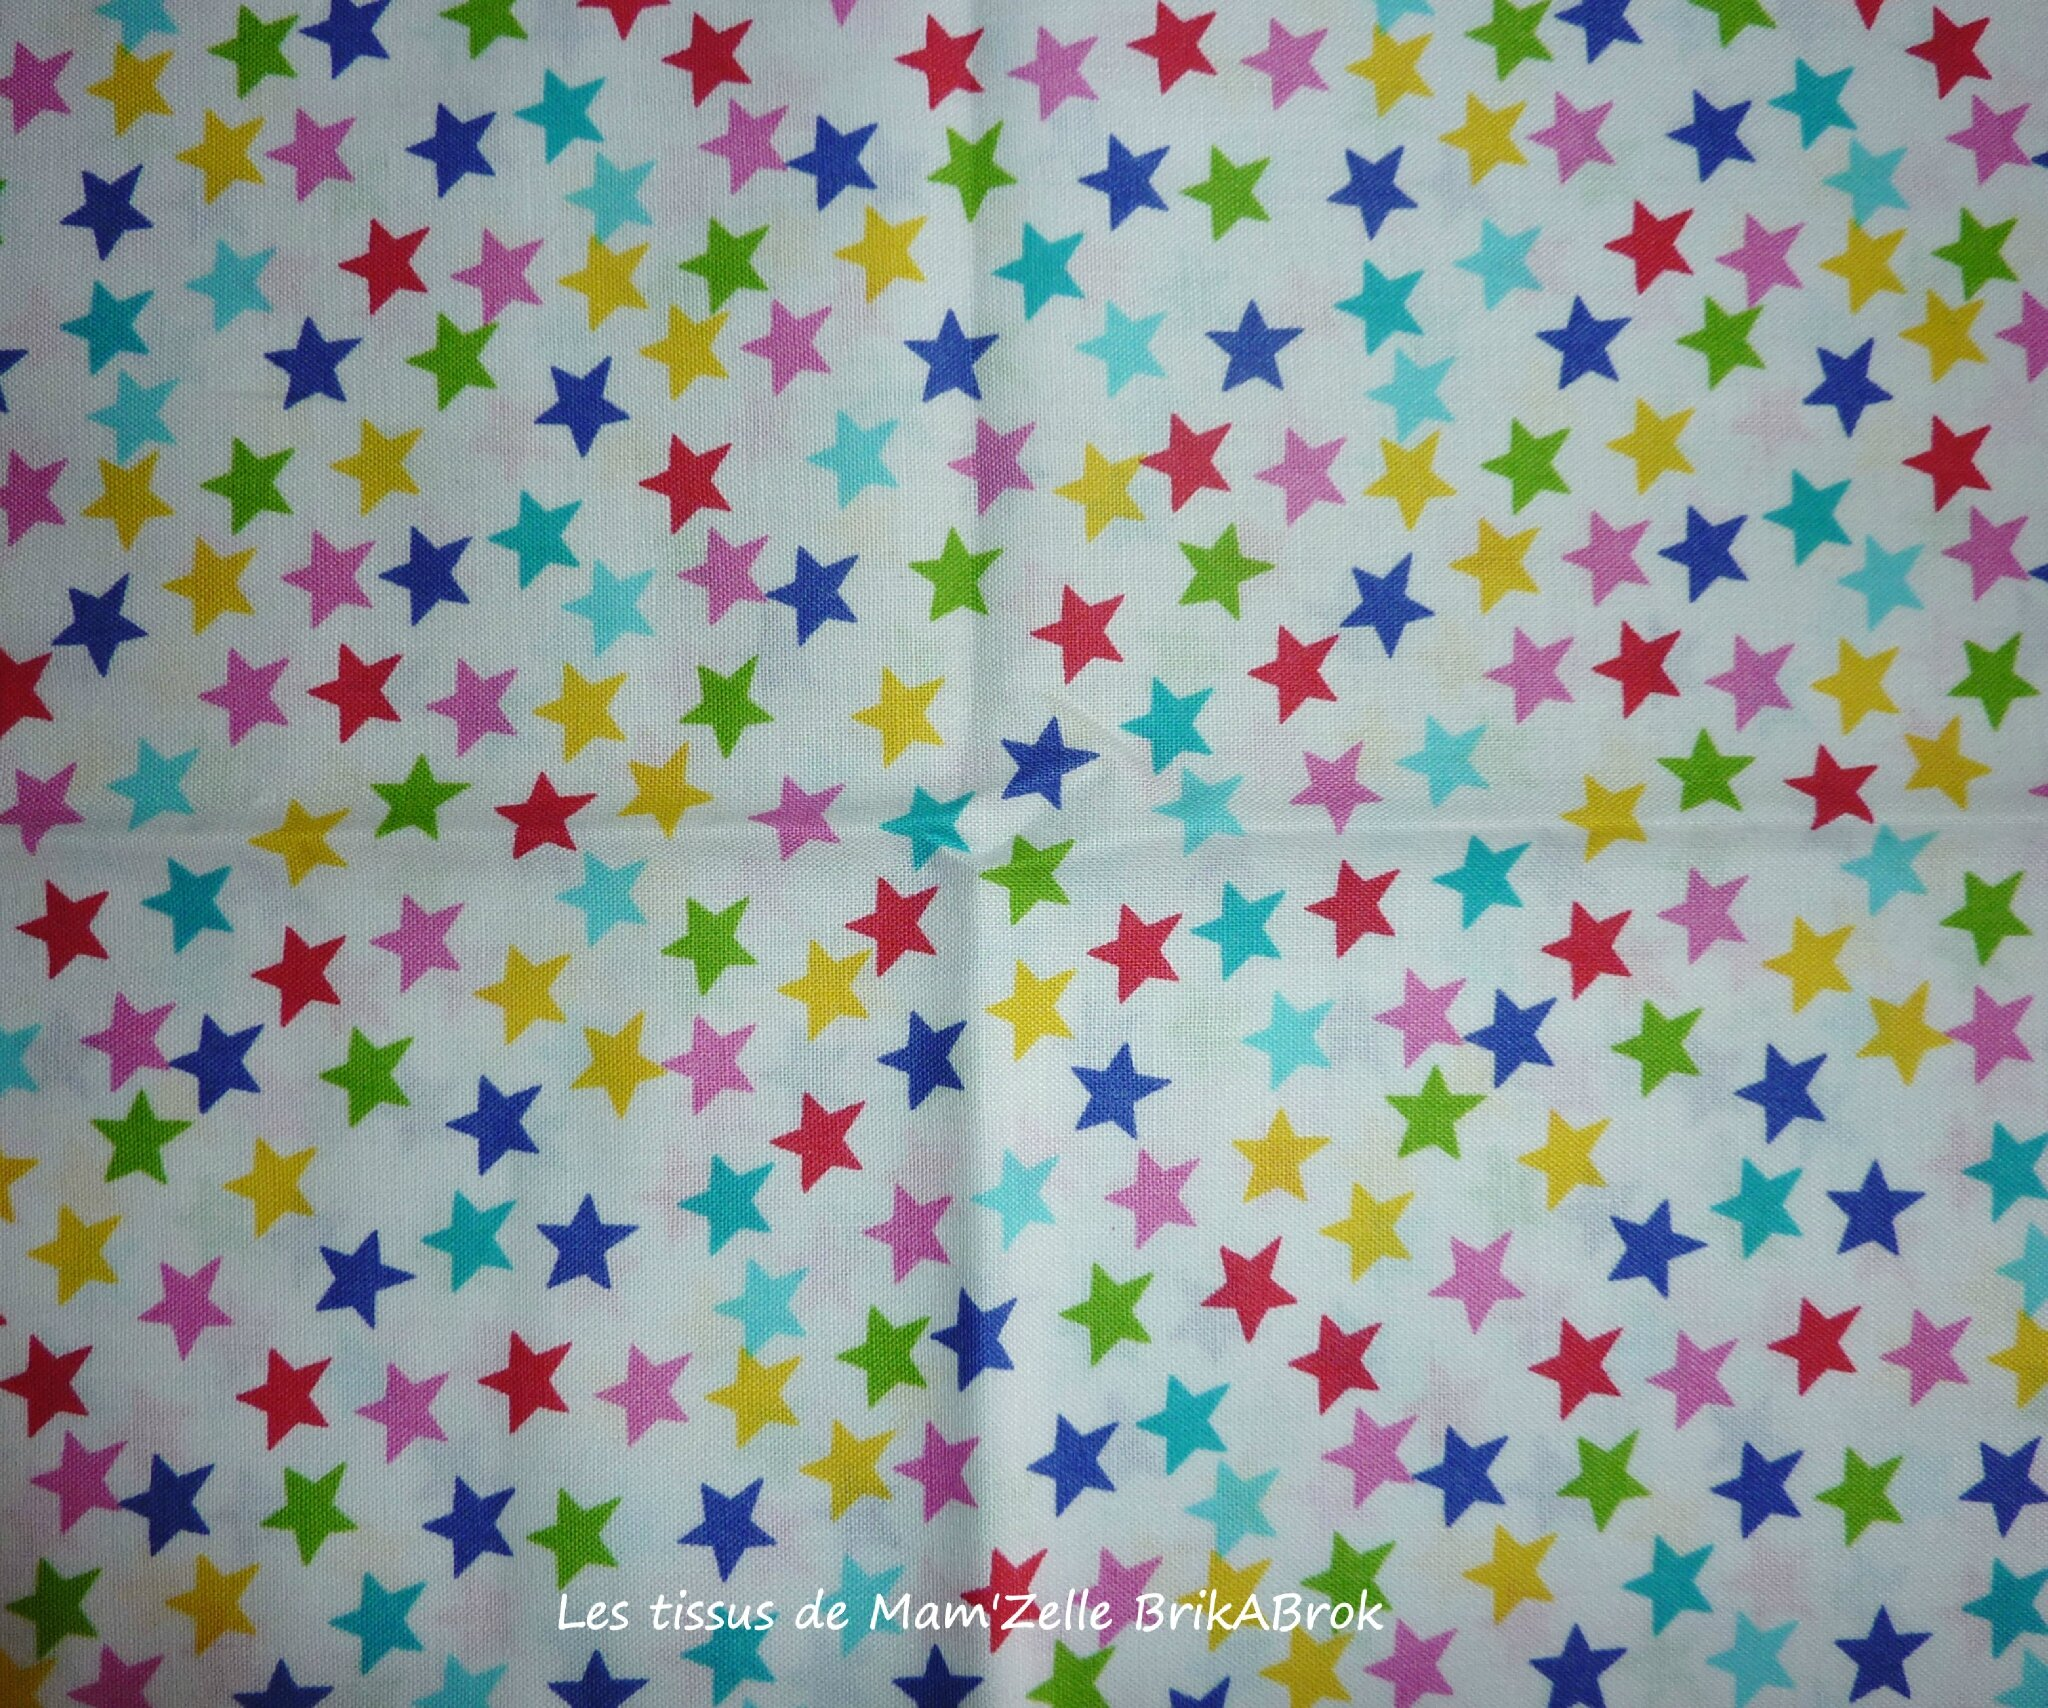 252 - Etoiles multicolores sur fond blanc